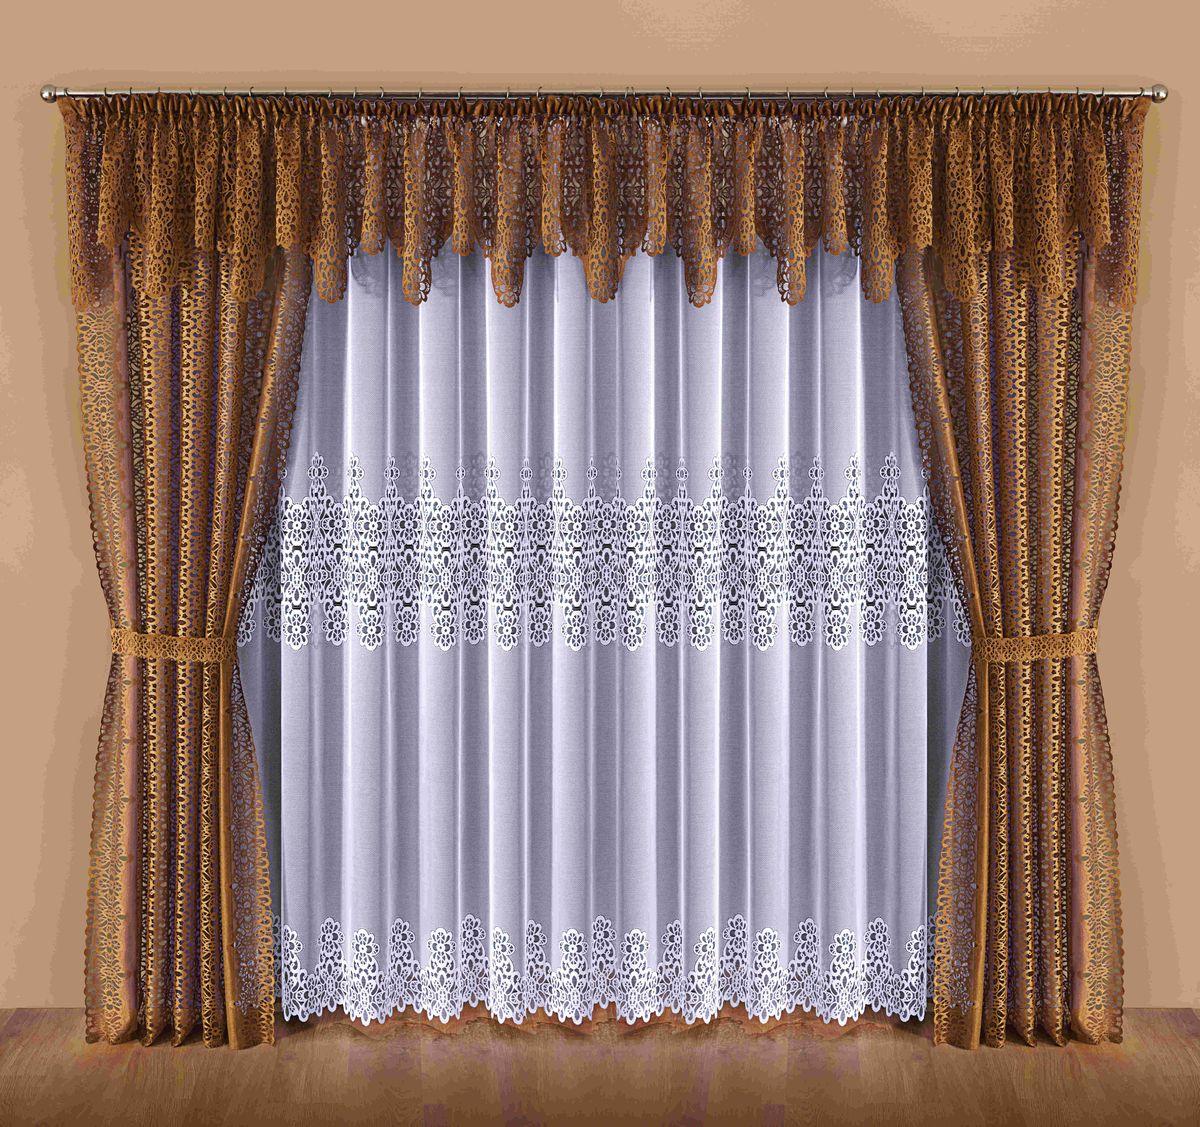 Комплект штор Wisan Dalia, на ленте, цвет: белый, коричневый, высота 250 см045WКомплект штор Wisan Dalia выполненный из полиэстера, великолепно украсит любое окно. В комплект входят 2 шторы, тюль, ламбрекен и 2 подхвата. Цветочный орнамент придает комплекту особый стиль и шарм. Тонкое плетение, нежная цветовая гамма и роскошное исполнение - все это делает шторы Wisan Dalia замечательным дополнением интерьера помещения. Комплект оснащен шторной лентой для красивой сборки. В комплект входит: Штора - 2 шт. Размер (ШхВ): 142 см х 250 см. Тюль - 1 шт. Размер (ШхВ): 400 см х 250 см. Ламбрекен - 1 шт. Размер (ШхВ): 600 см х 55 см. Подхват - 2 шт. Фирма Wisan на польском рынке существует уже более пятидесяти лет и является одной из лучших польских фабрик по производству штор и тканей. Ассортимент фирмы представлен готовыми комплектами штор для гостиной, детской, кухни, а также текстилем для кухни (скатерти, салфетки, дорожки, кухонные занавески). Модельный ряд отличает оригинальный дизайн,...